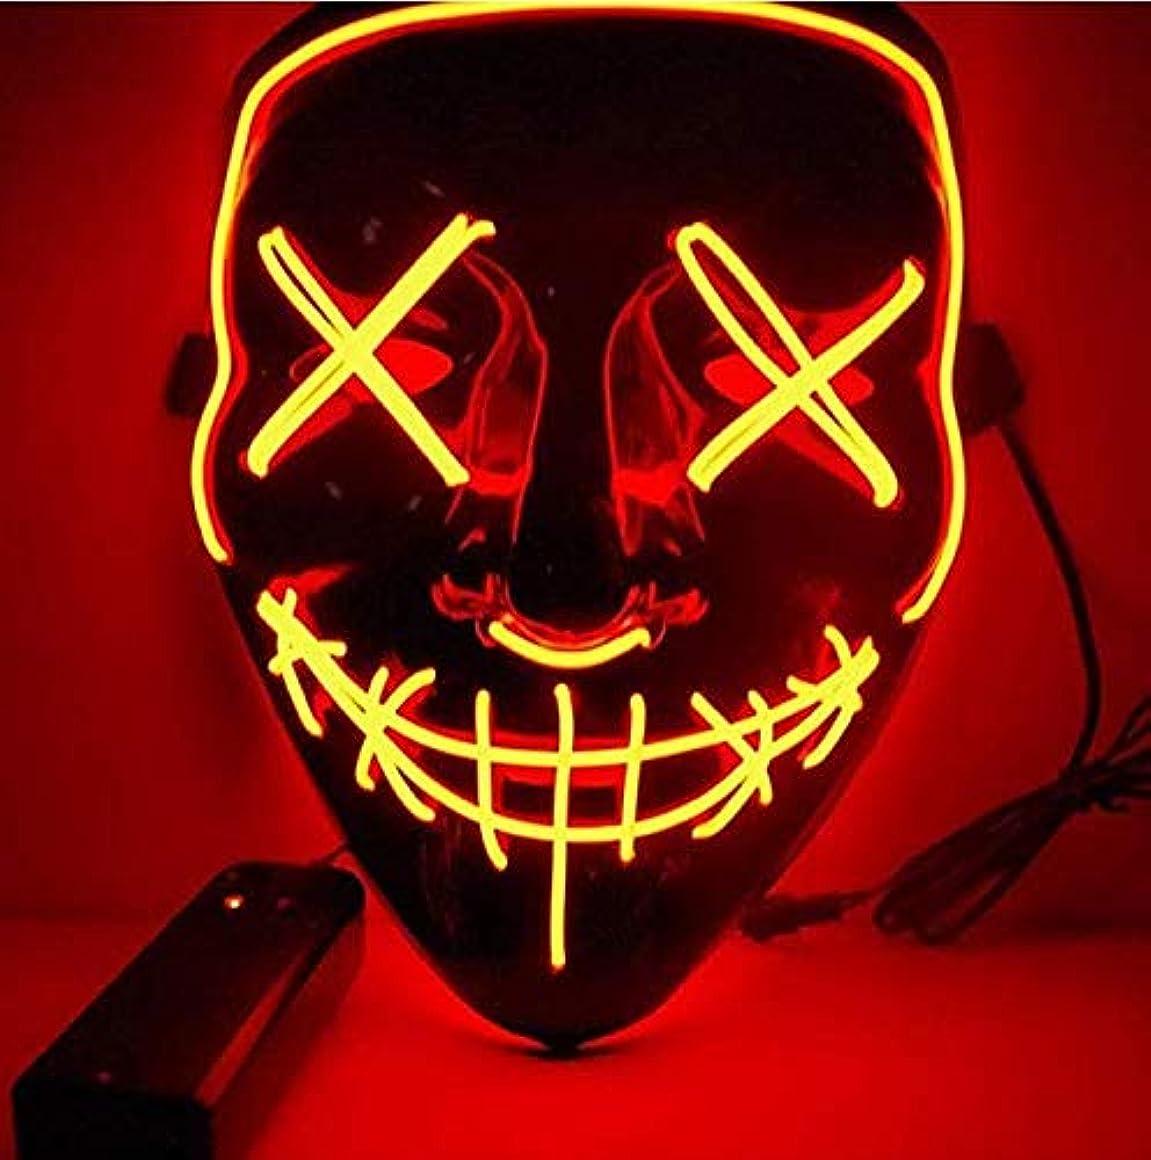 認証説得力のある不誠実ハロウィンマスクLEDライトアップパーティーマスクコスプレコスチュームサプライ暗闇で光る (Color : GREEN)